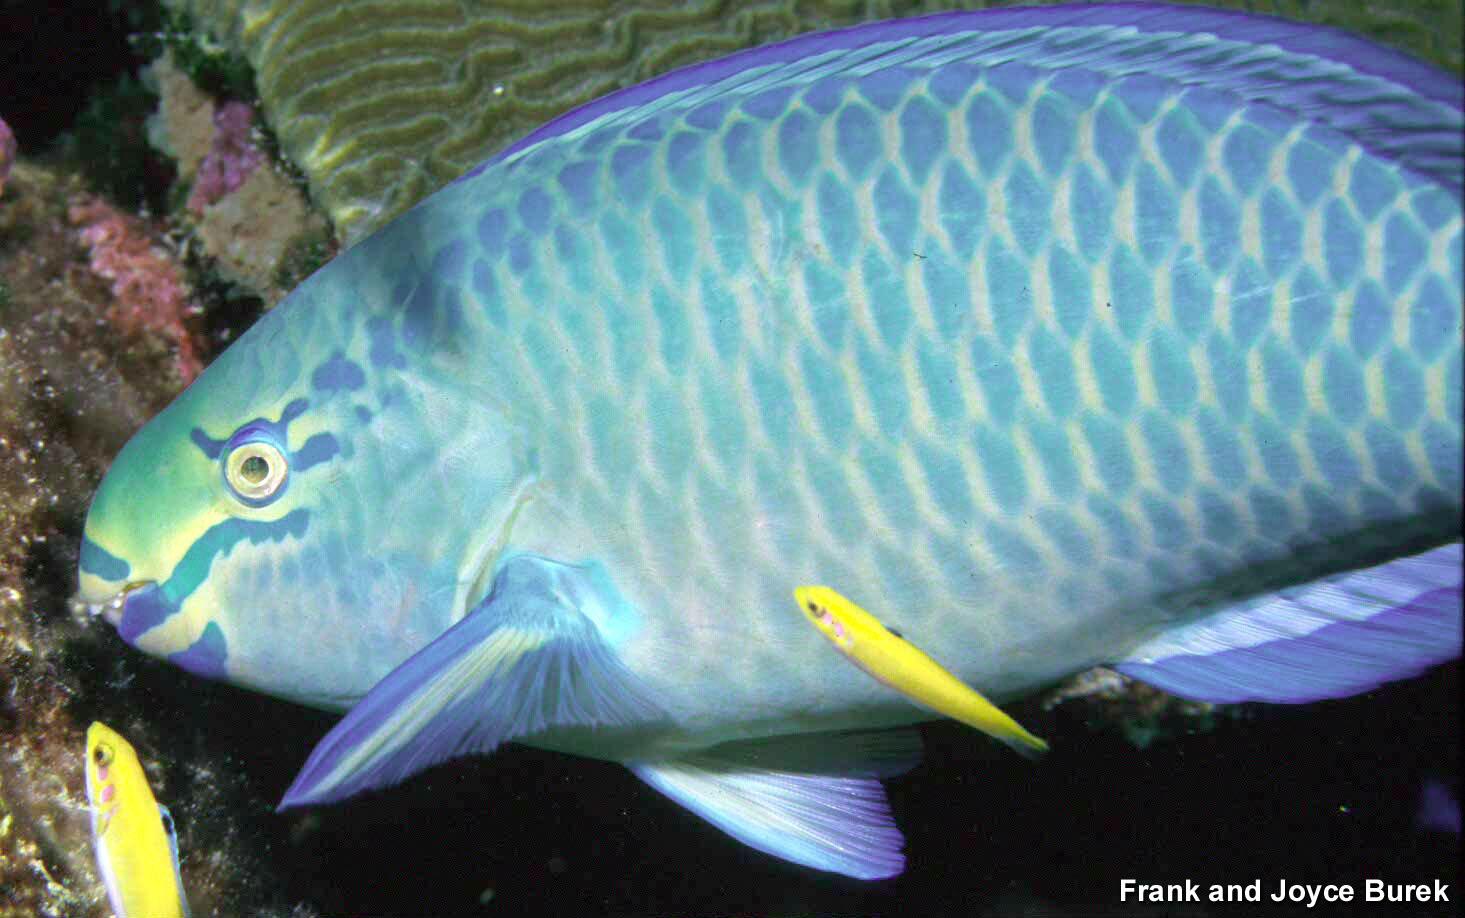 Flower Garden Banks NMS: Queen Parrotfish (Scarus vetula)